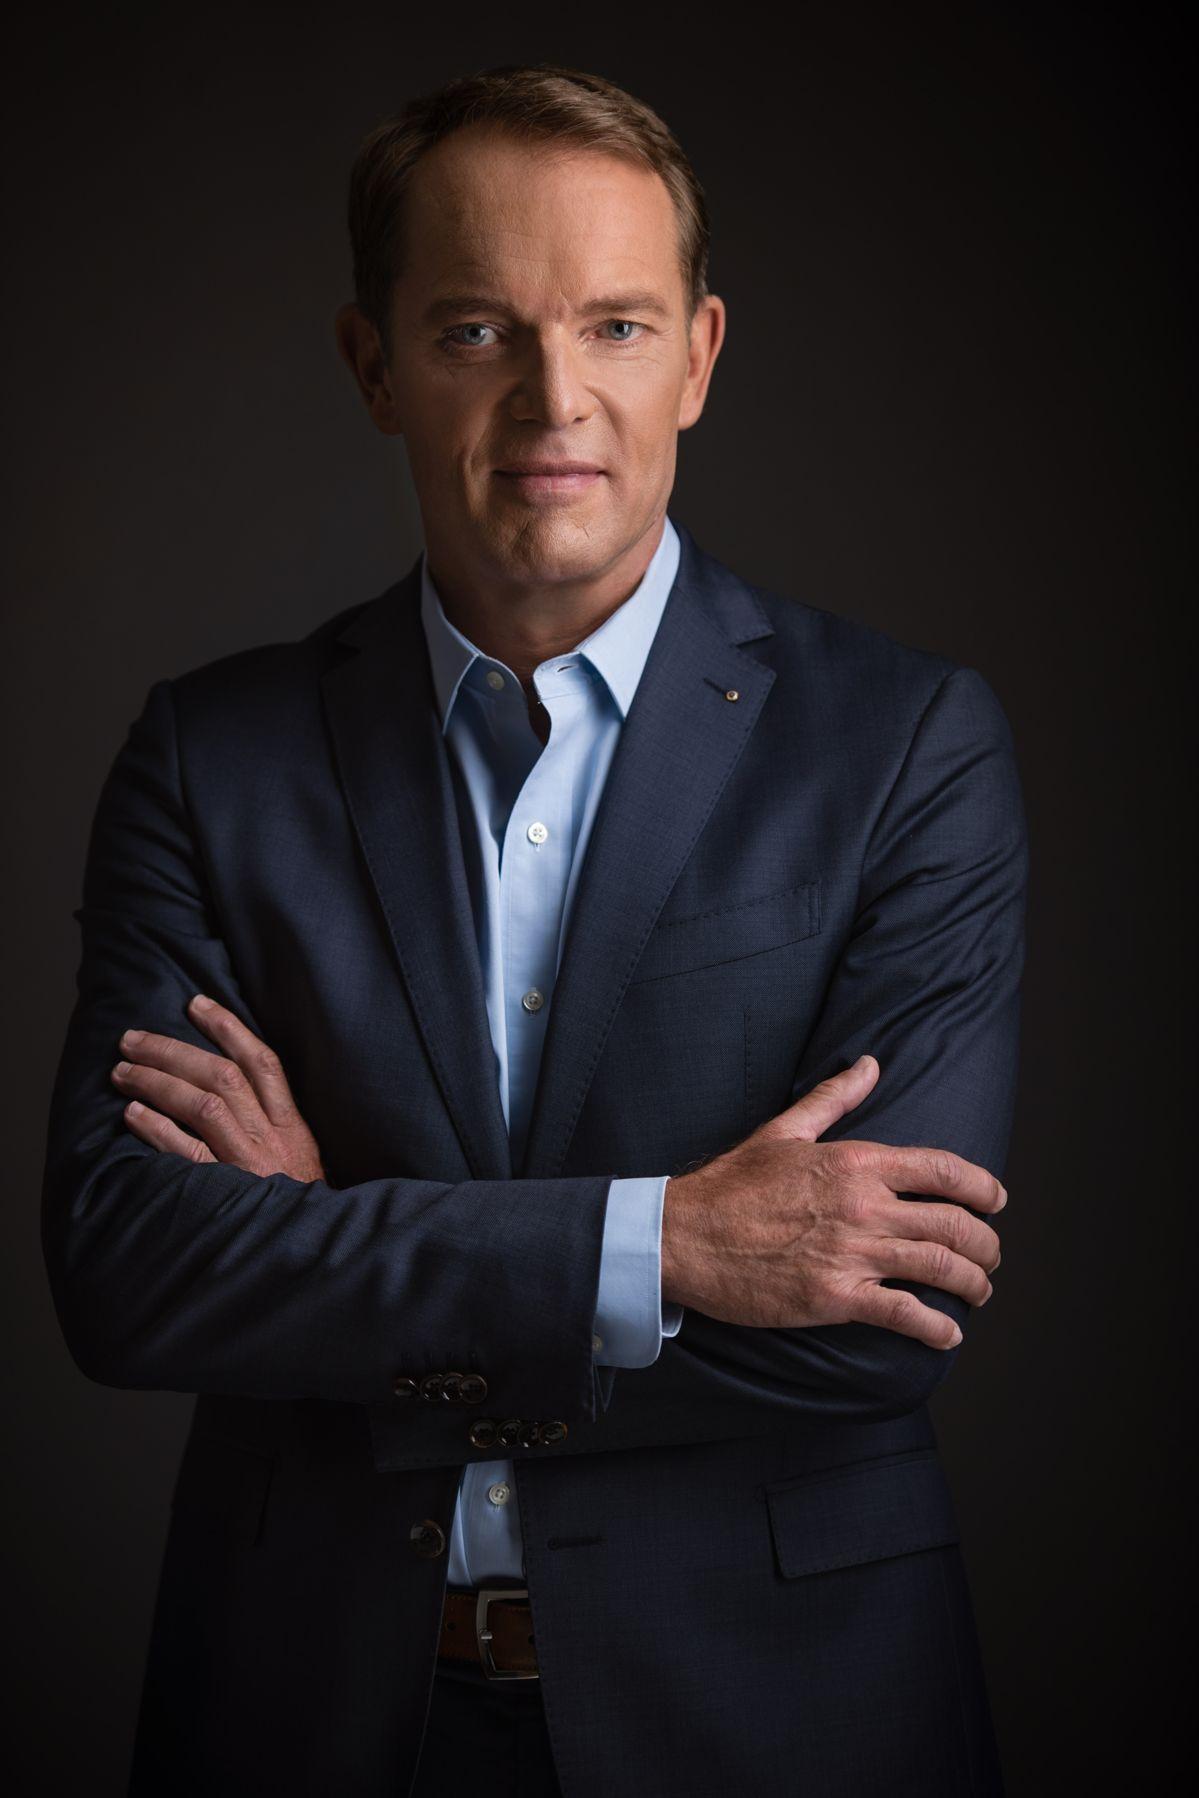 Claus Garnjost Joins 3d Signals' Advisory Board, 3d Signals